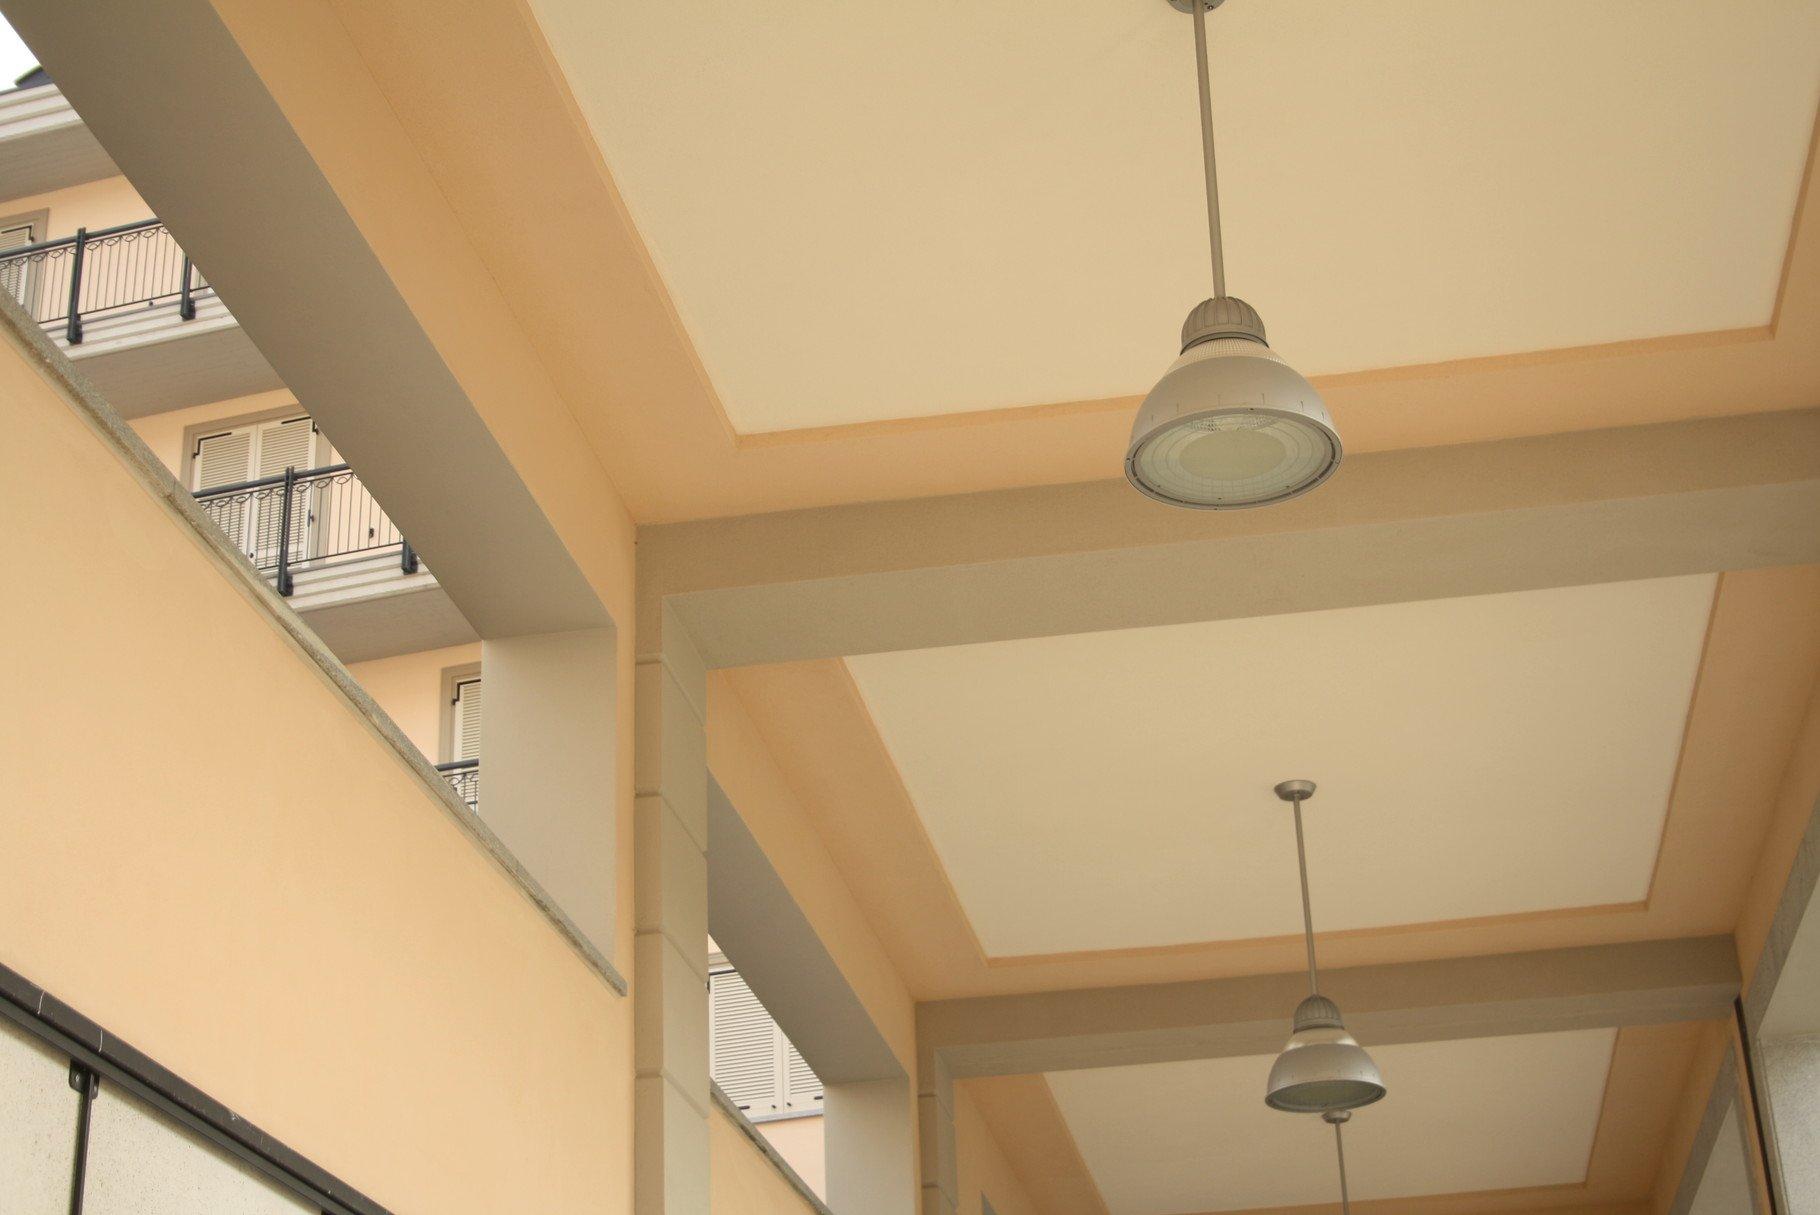 foto di un soffitto di un porticato